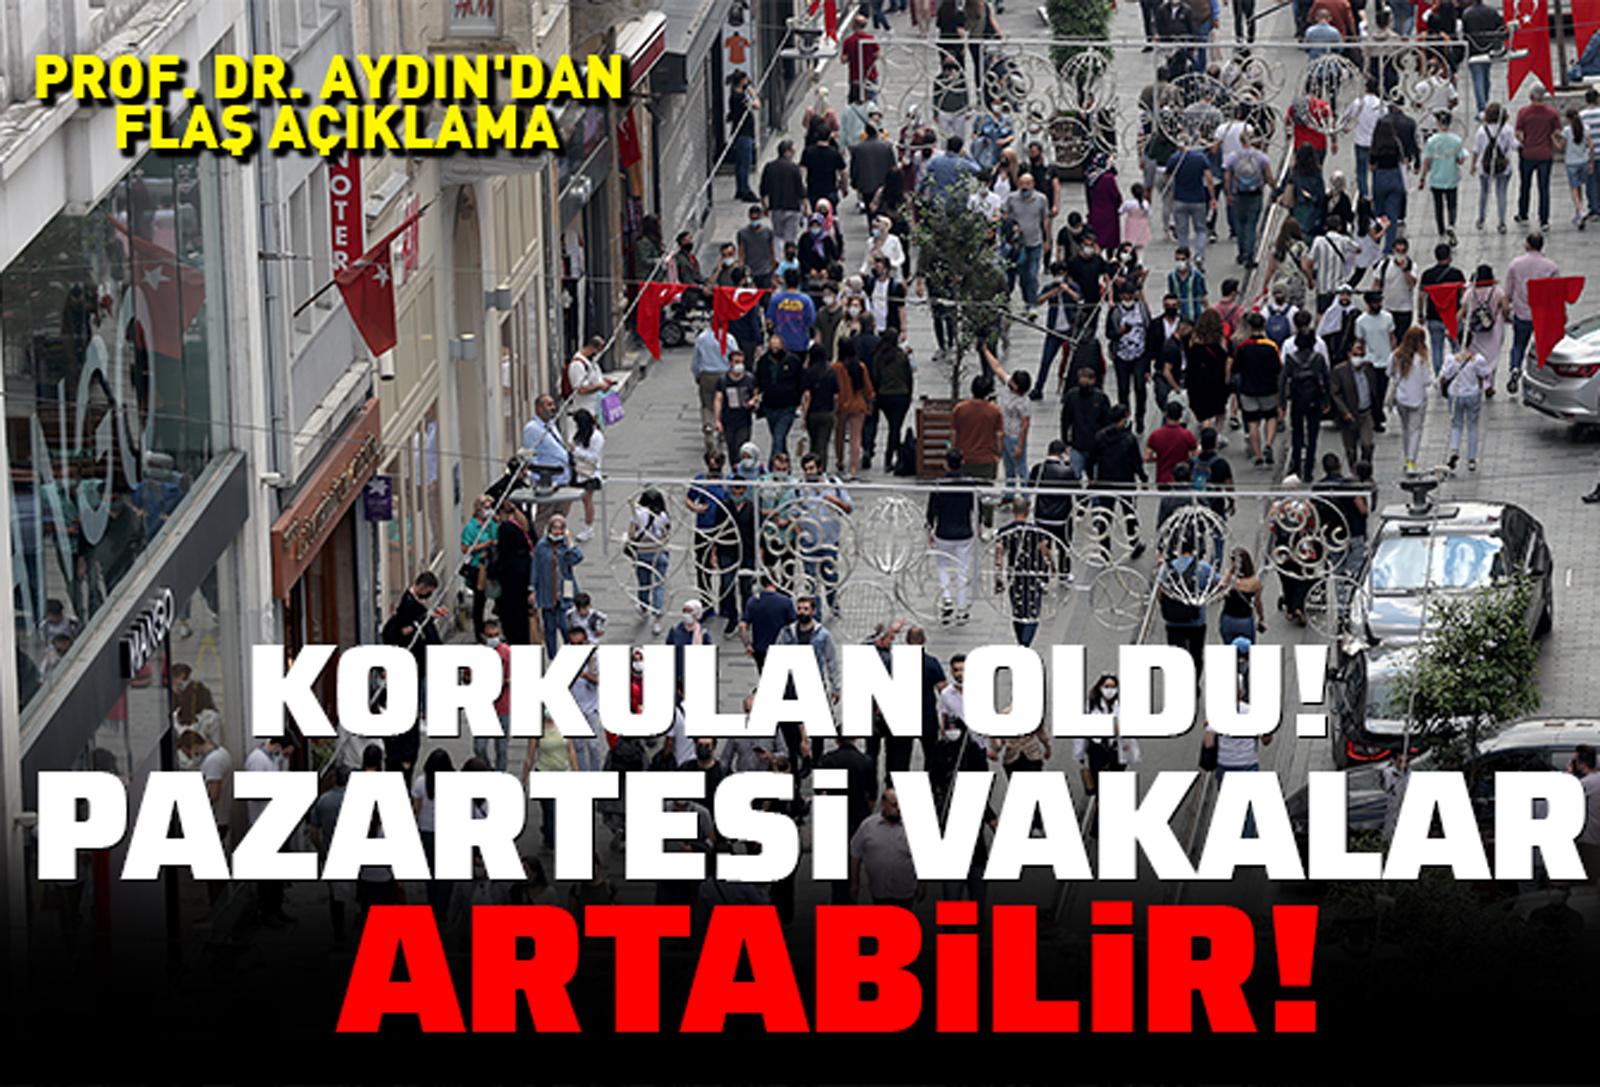 Korkulan oldu! Prof. Dr. Aydın'dan dikkat çeken açıklama: Pazartesi vakalar artabilir!